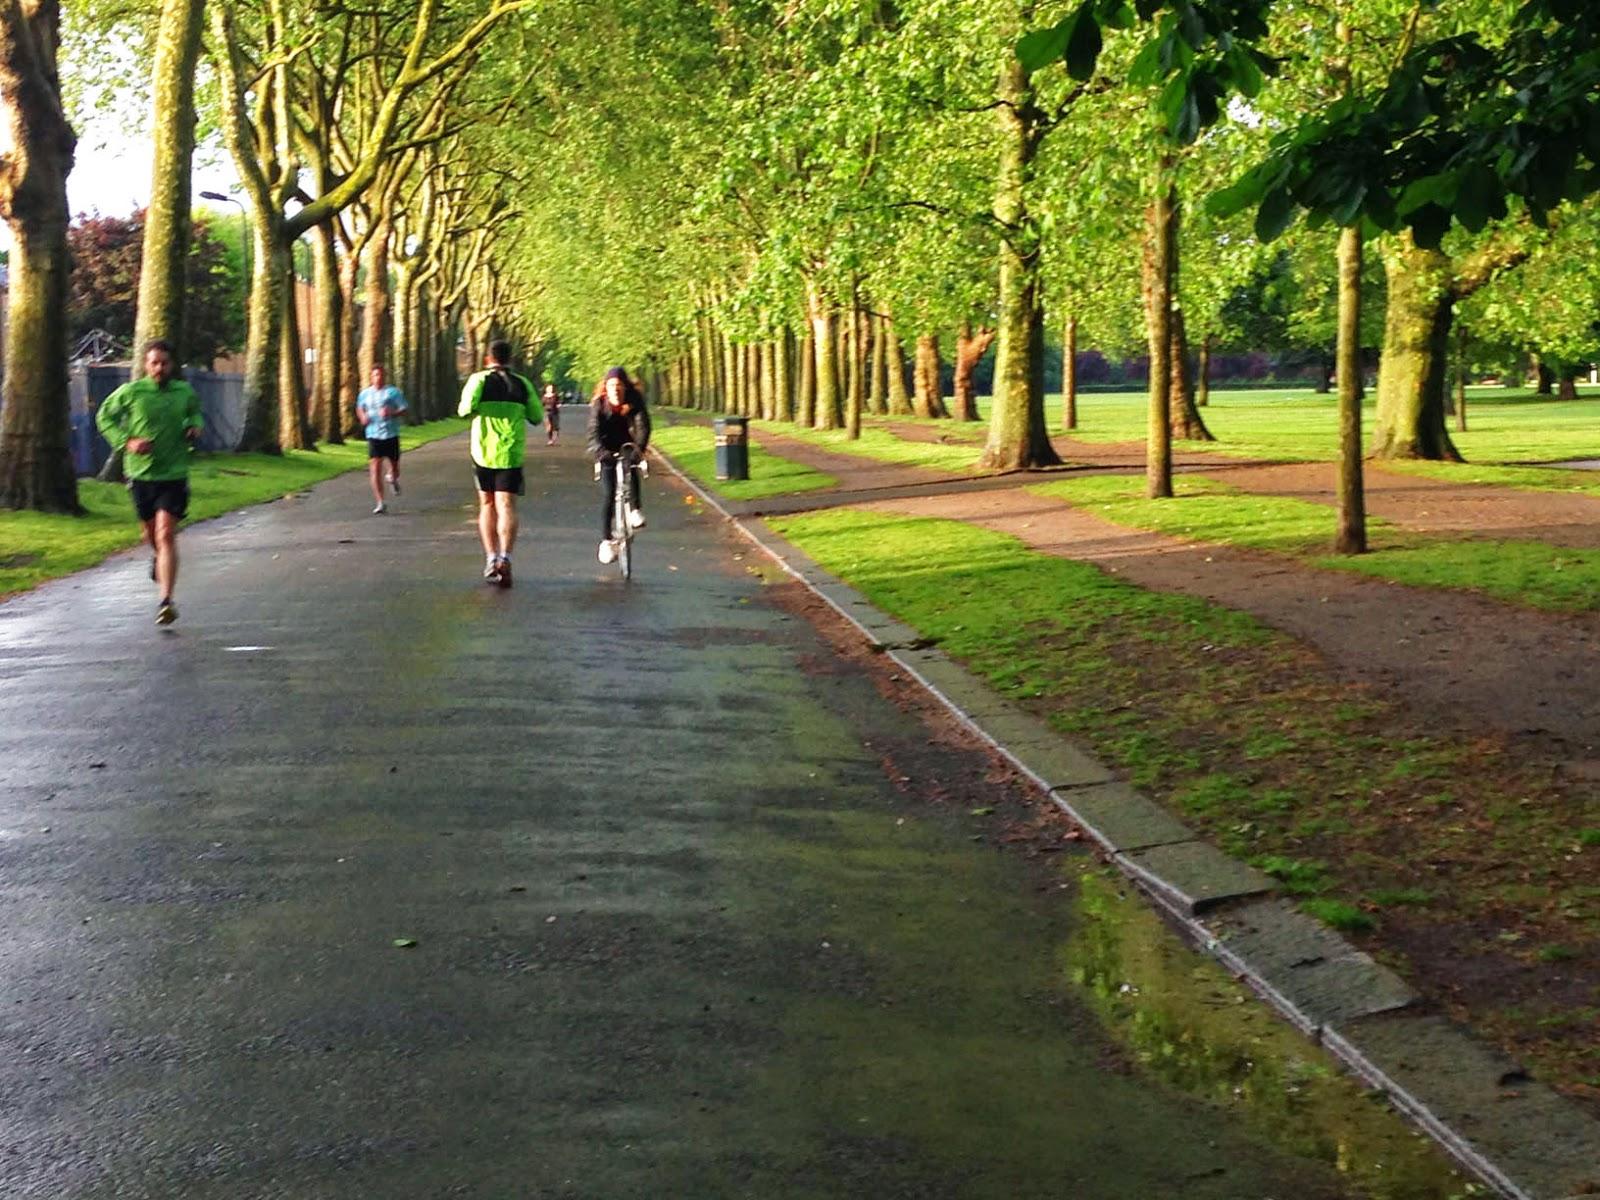 London park running